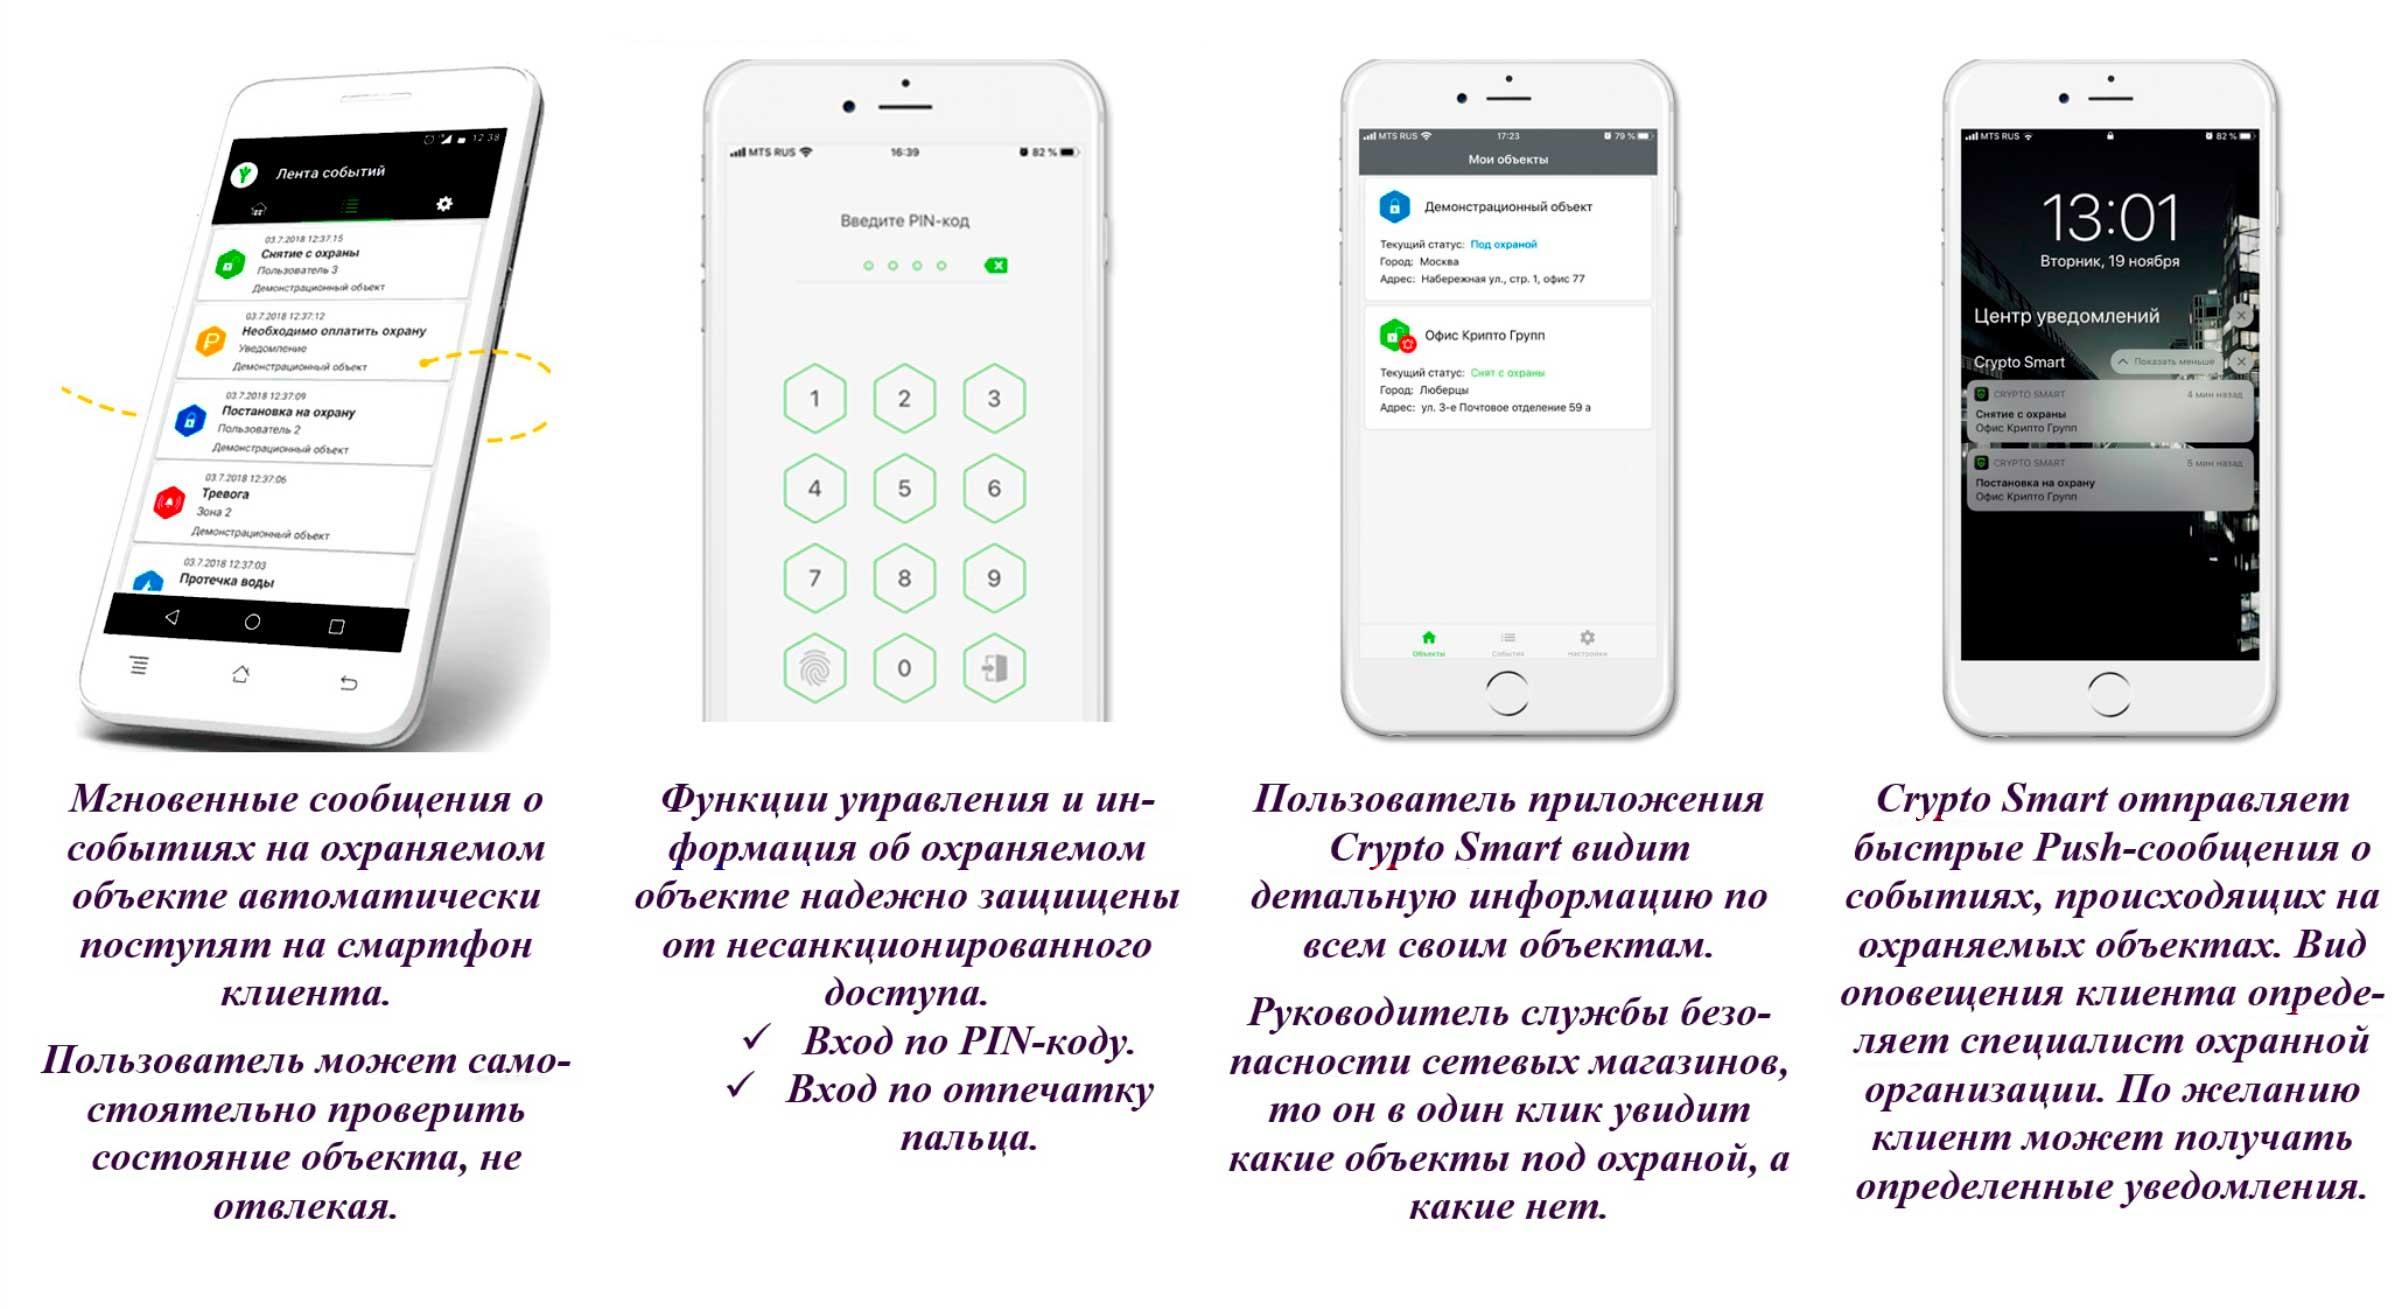 Crypto Smart - мобильное приложение